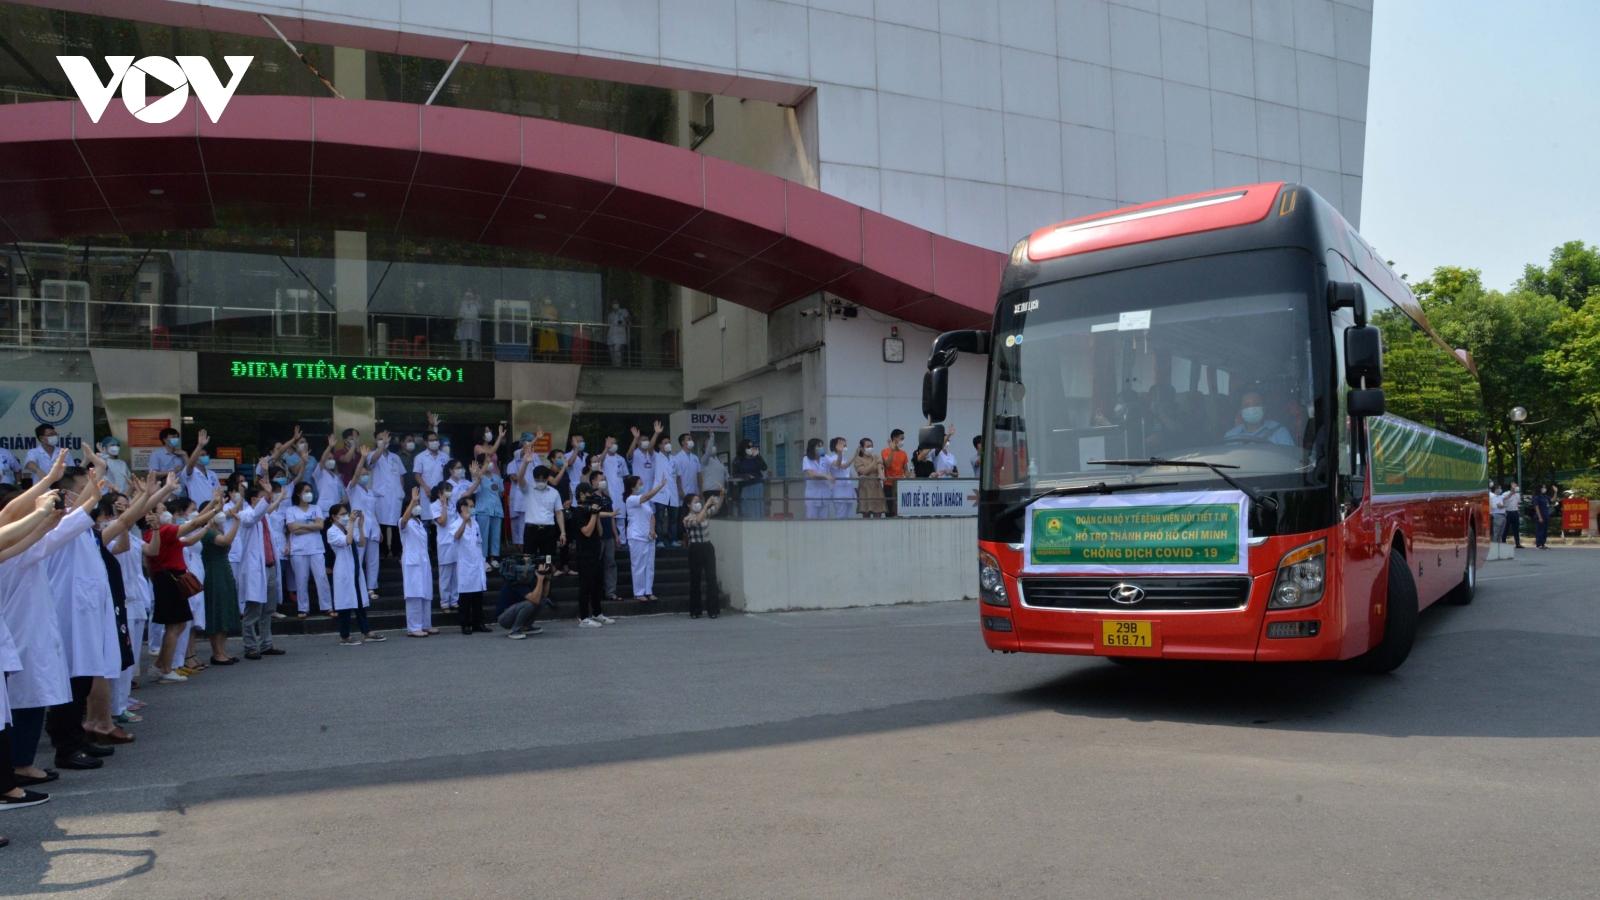 Cán bộ, nhân viên Bệnh viện Nội tiết Trung ương tiếp tục vào TP.HCM hỗ trợ chống dịch